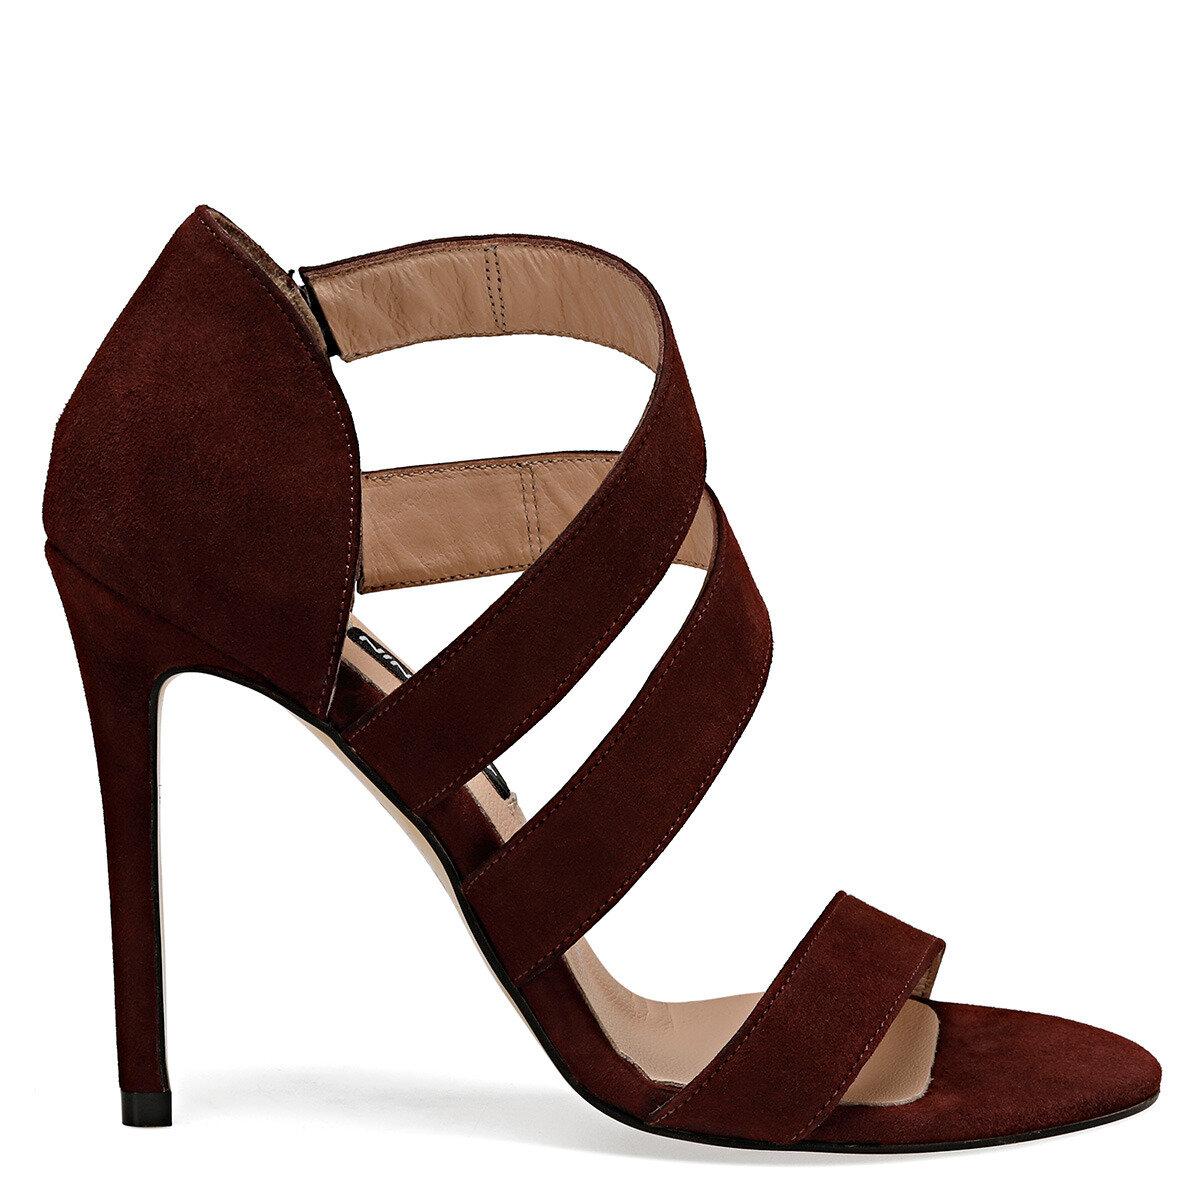 MYALL Bordo Kadın Topuklu Ayakkabı